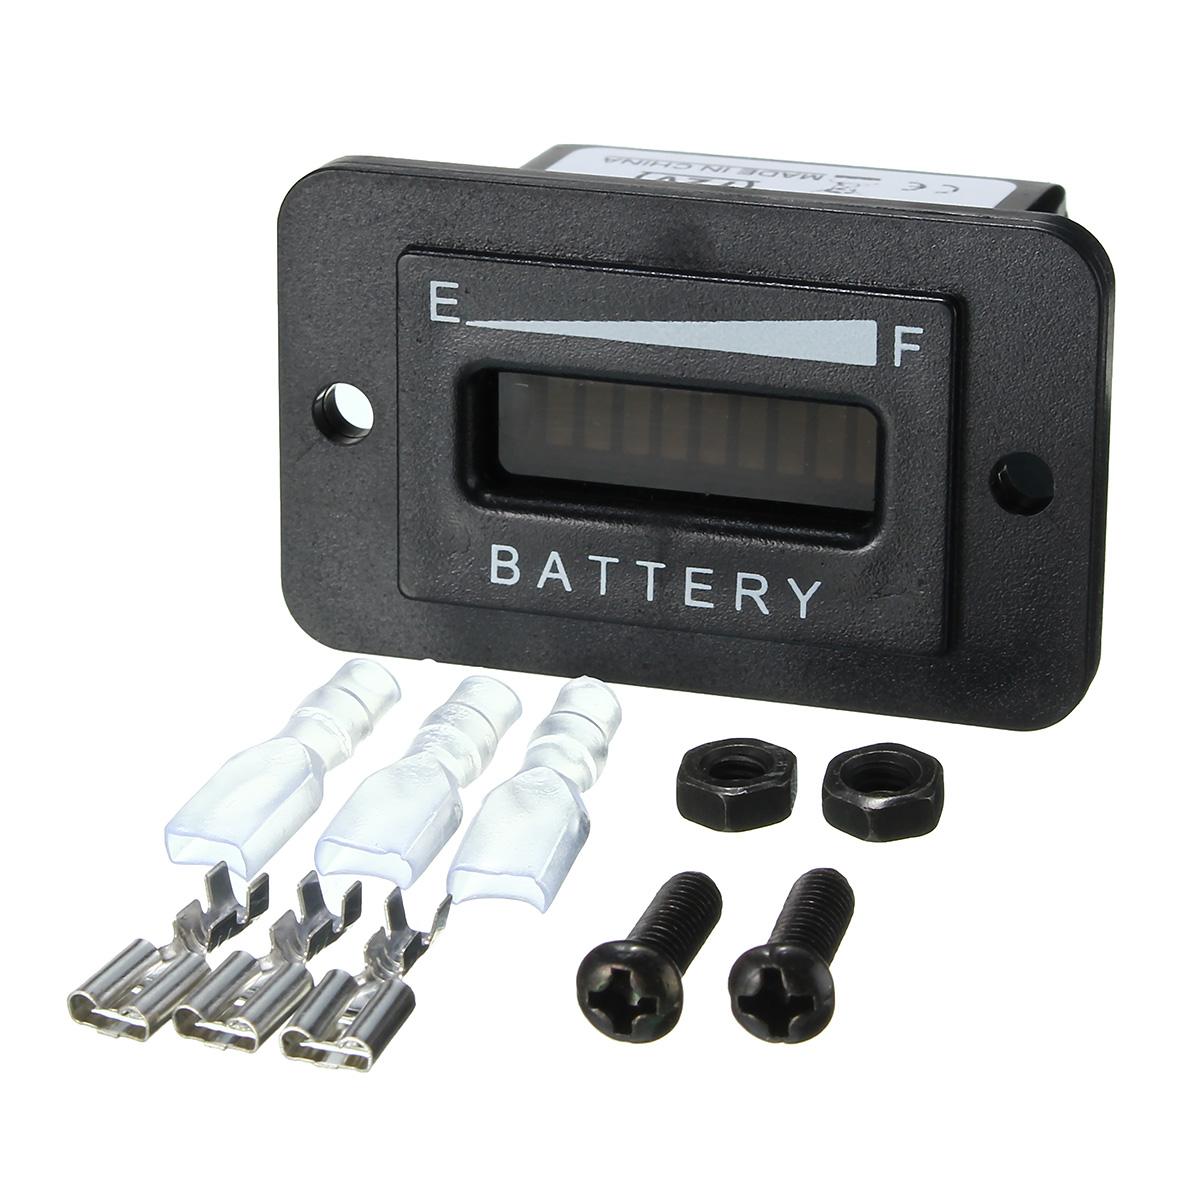 12/24/36/48/72V LED Battery Indicator Gauge for EZGO Club Car Yamaha Golf Cart